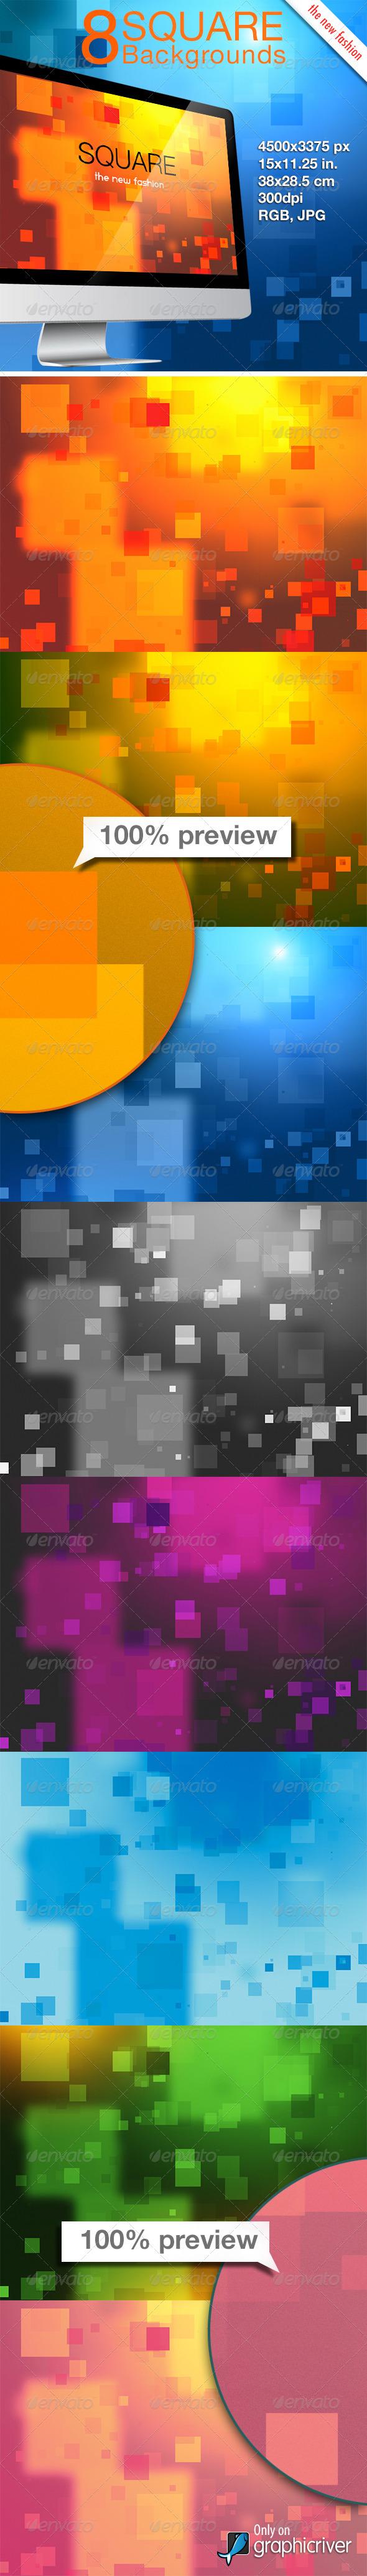 GraphicRiver Square Background 8353081